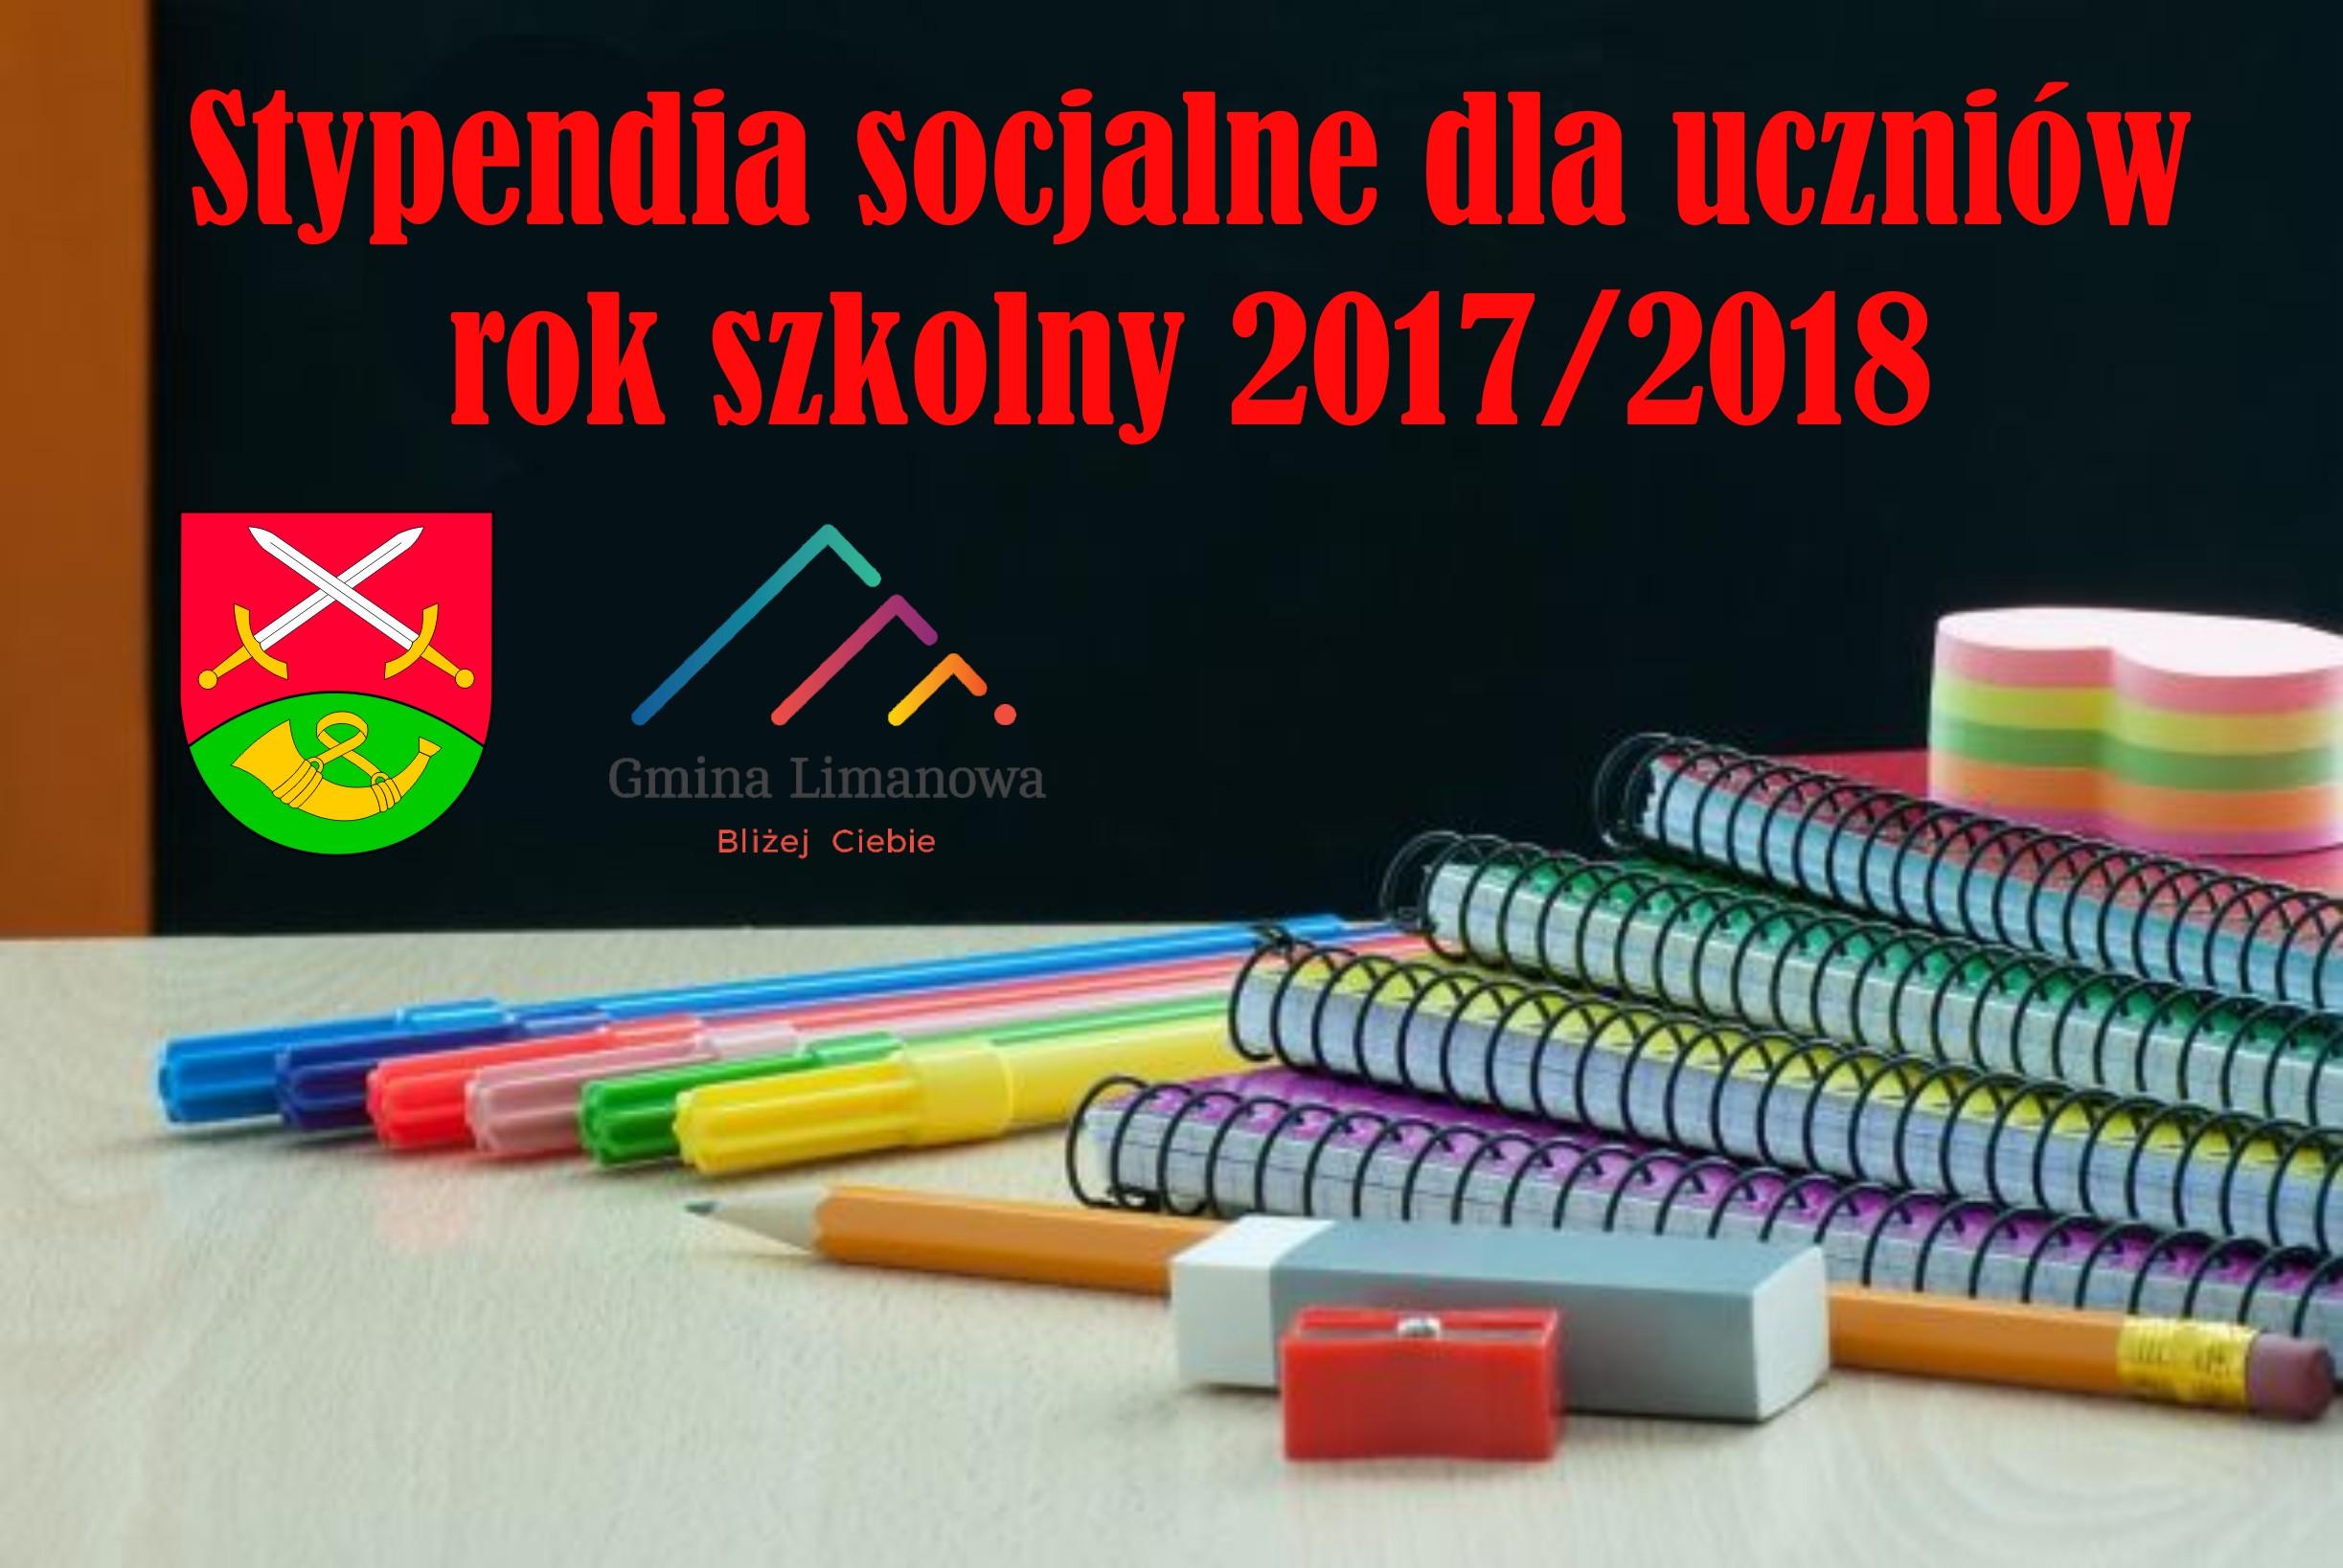 Stypendia socjalne - składanie wniosków do 15 września! - zdjęcie główne